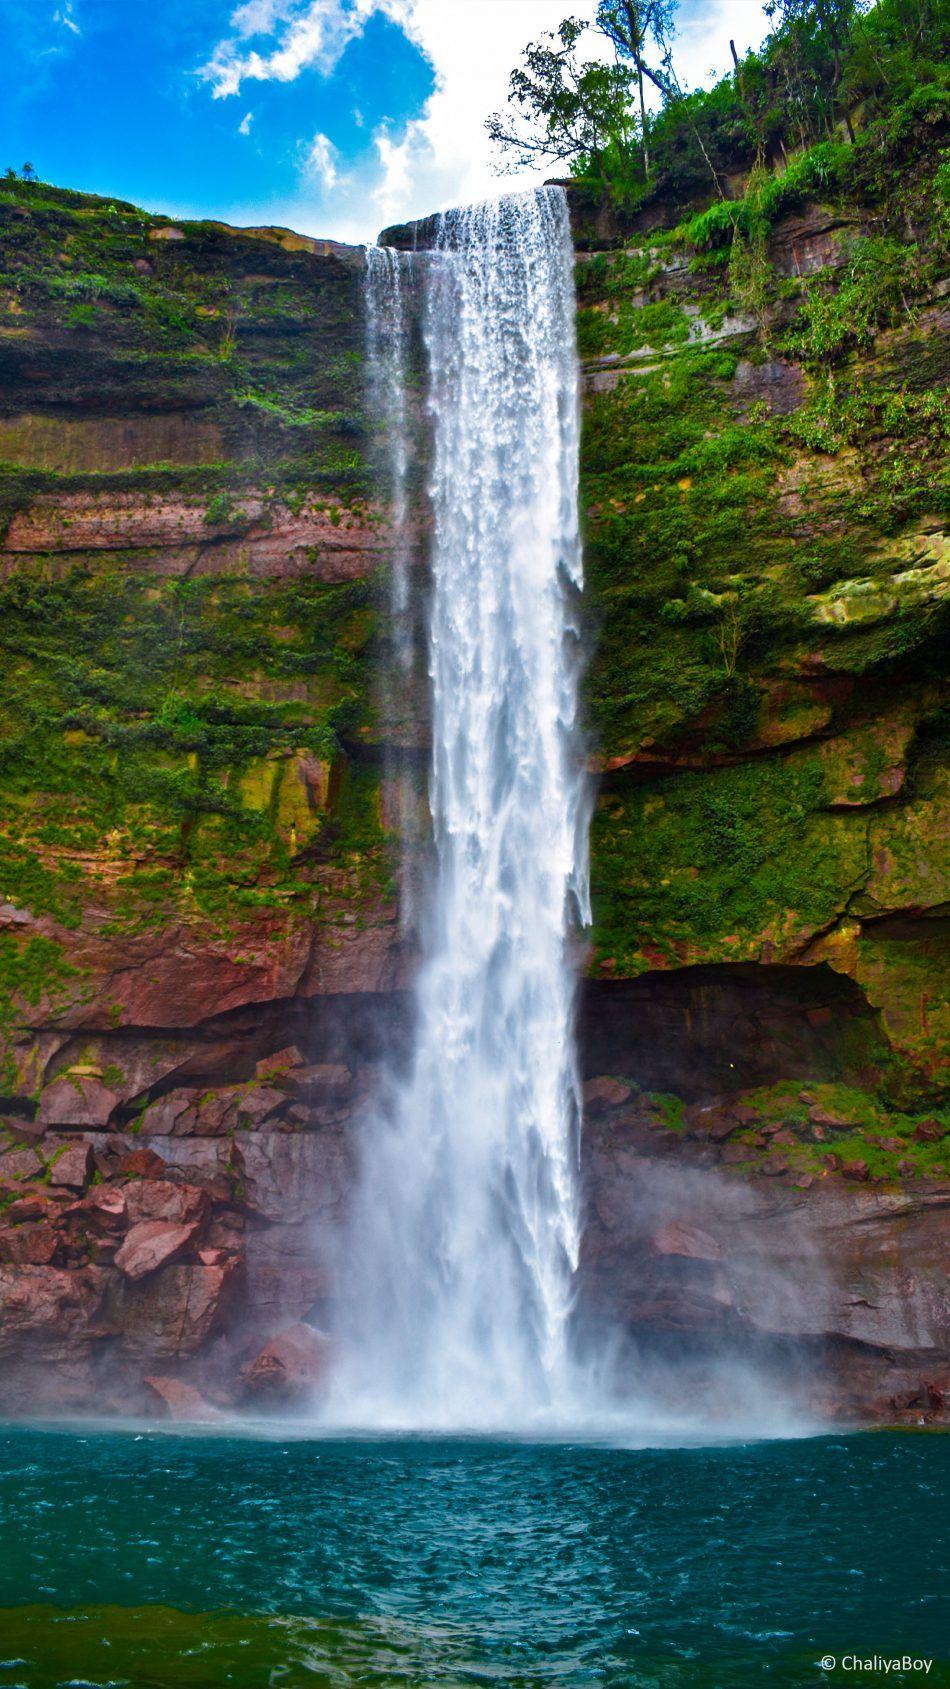 Waterfall Green Water Blue Sky 4k Ultra Hd Mobile Wallpaper Blue Water Waterfall Blue Sky